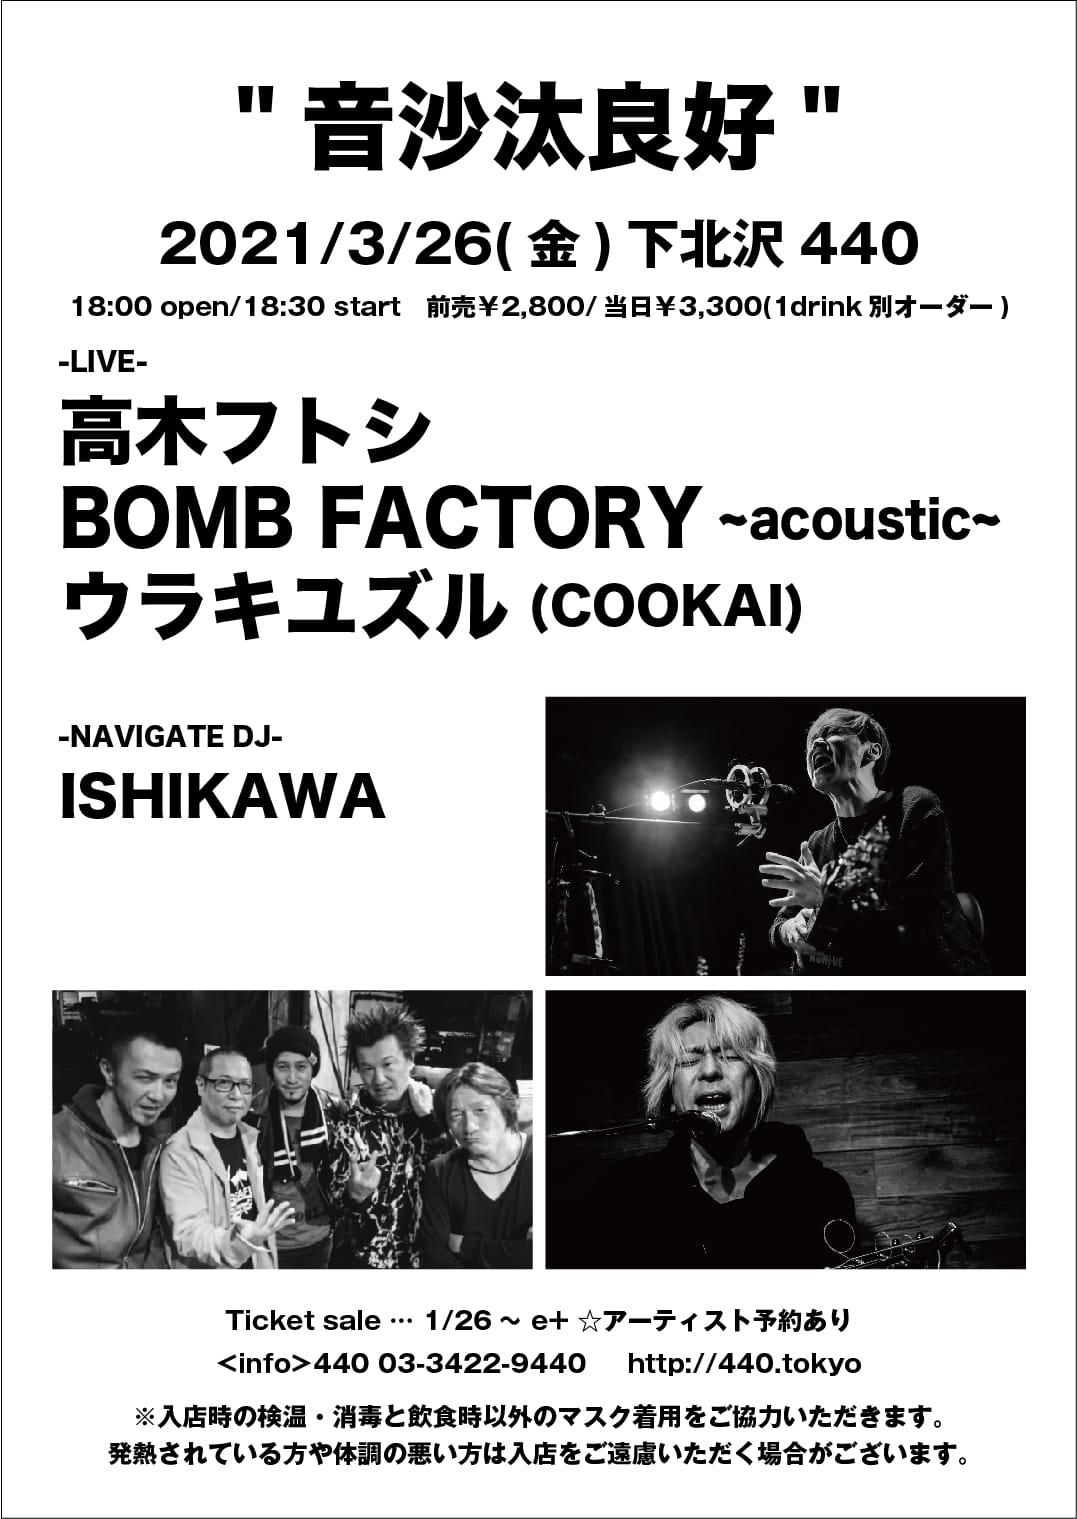 03/26(金) 下北沢 440(four forty)